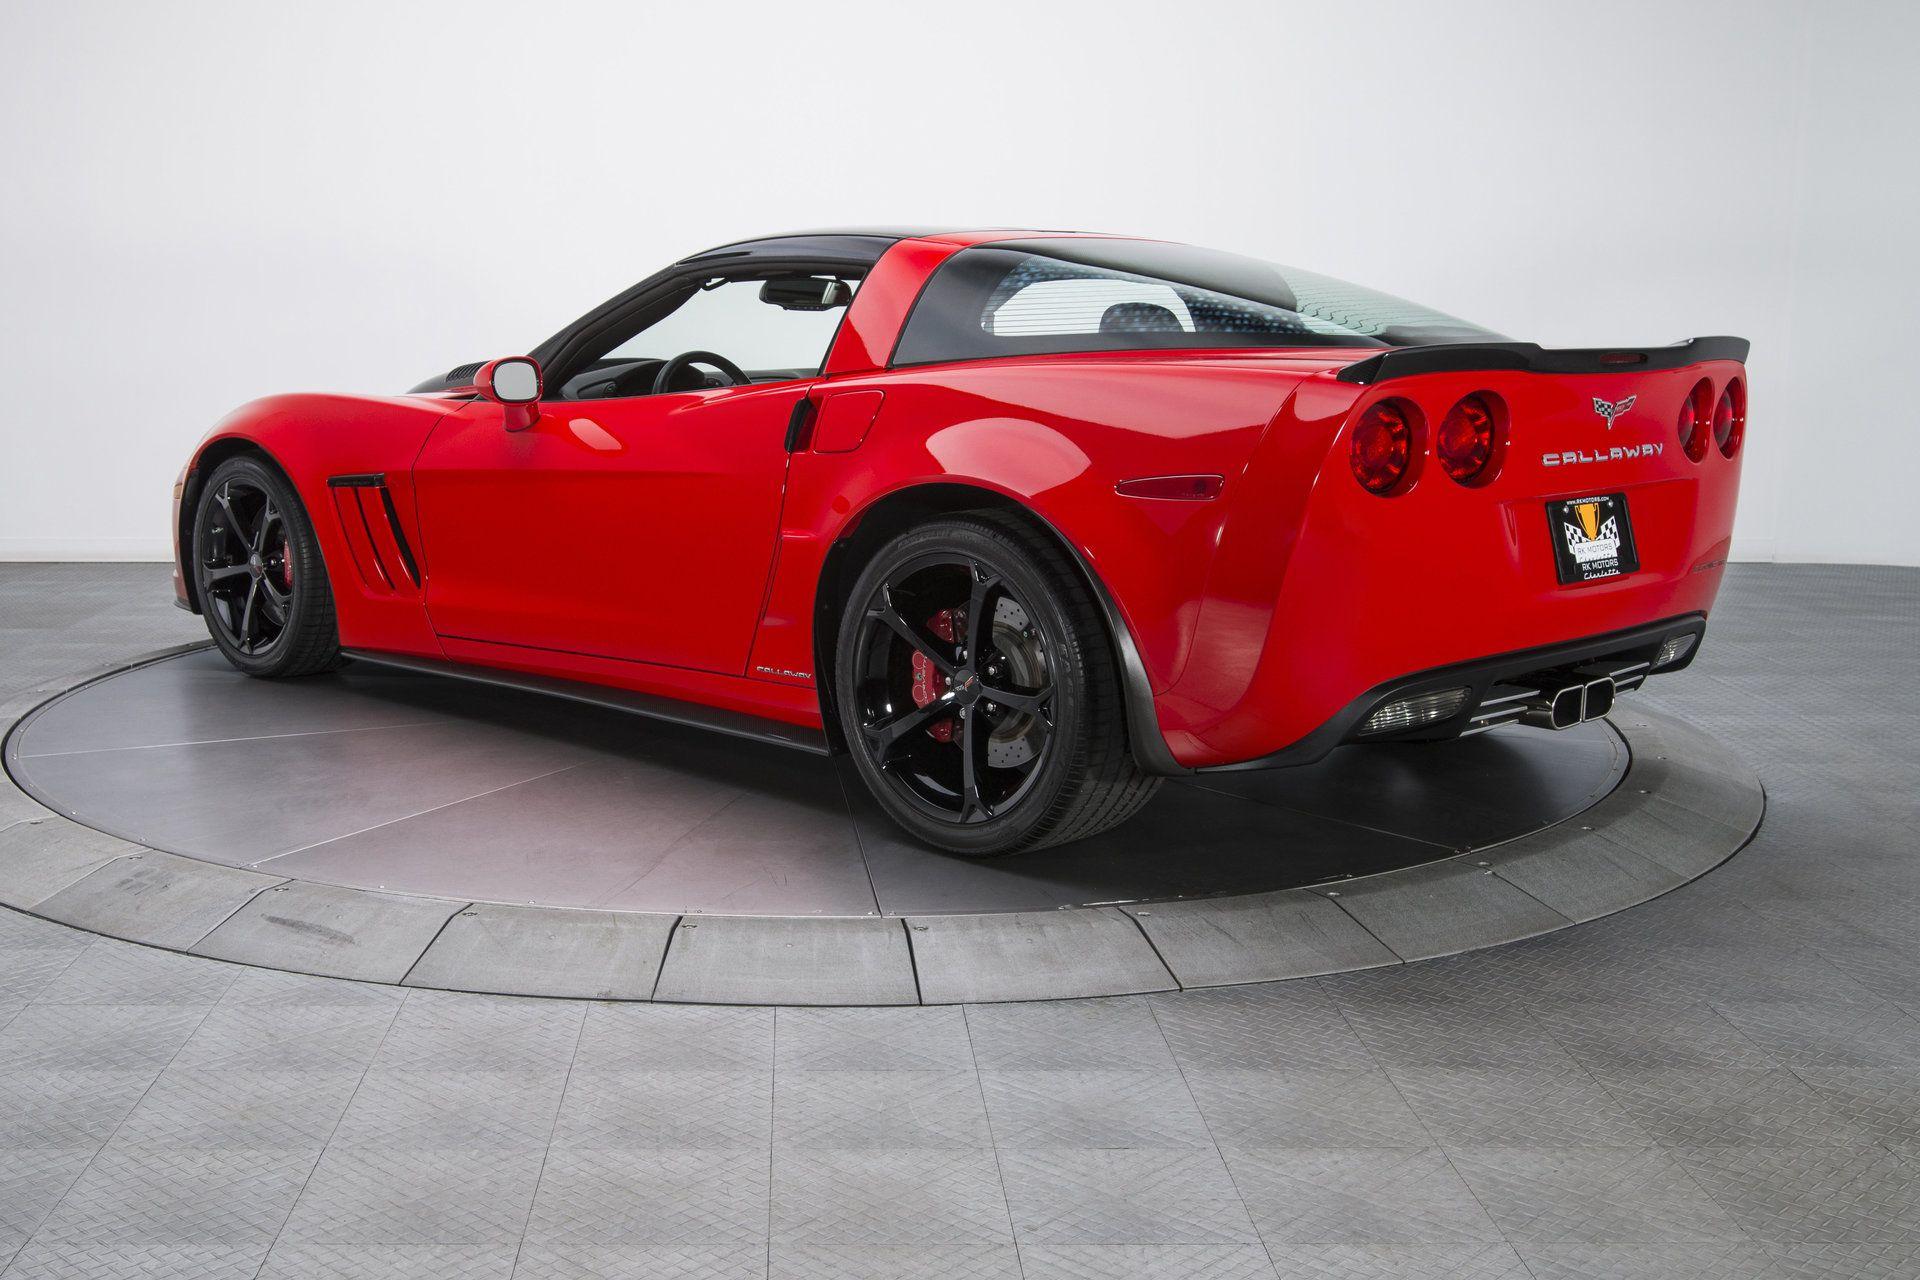 2013 Chevrolet Corvette Callaway Sc606 606 Horsepower Supercharged Callaway Corvette Grand Sport Ls3 Callaway Corvette Corvette Grand Sport Chevrolet Corvette